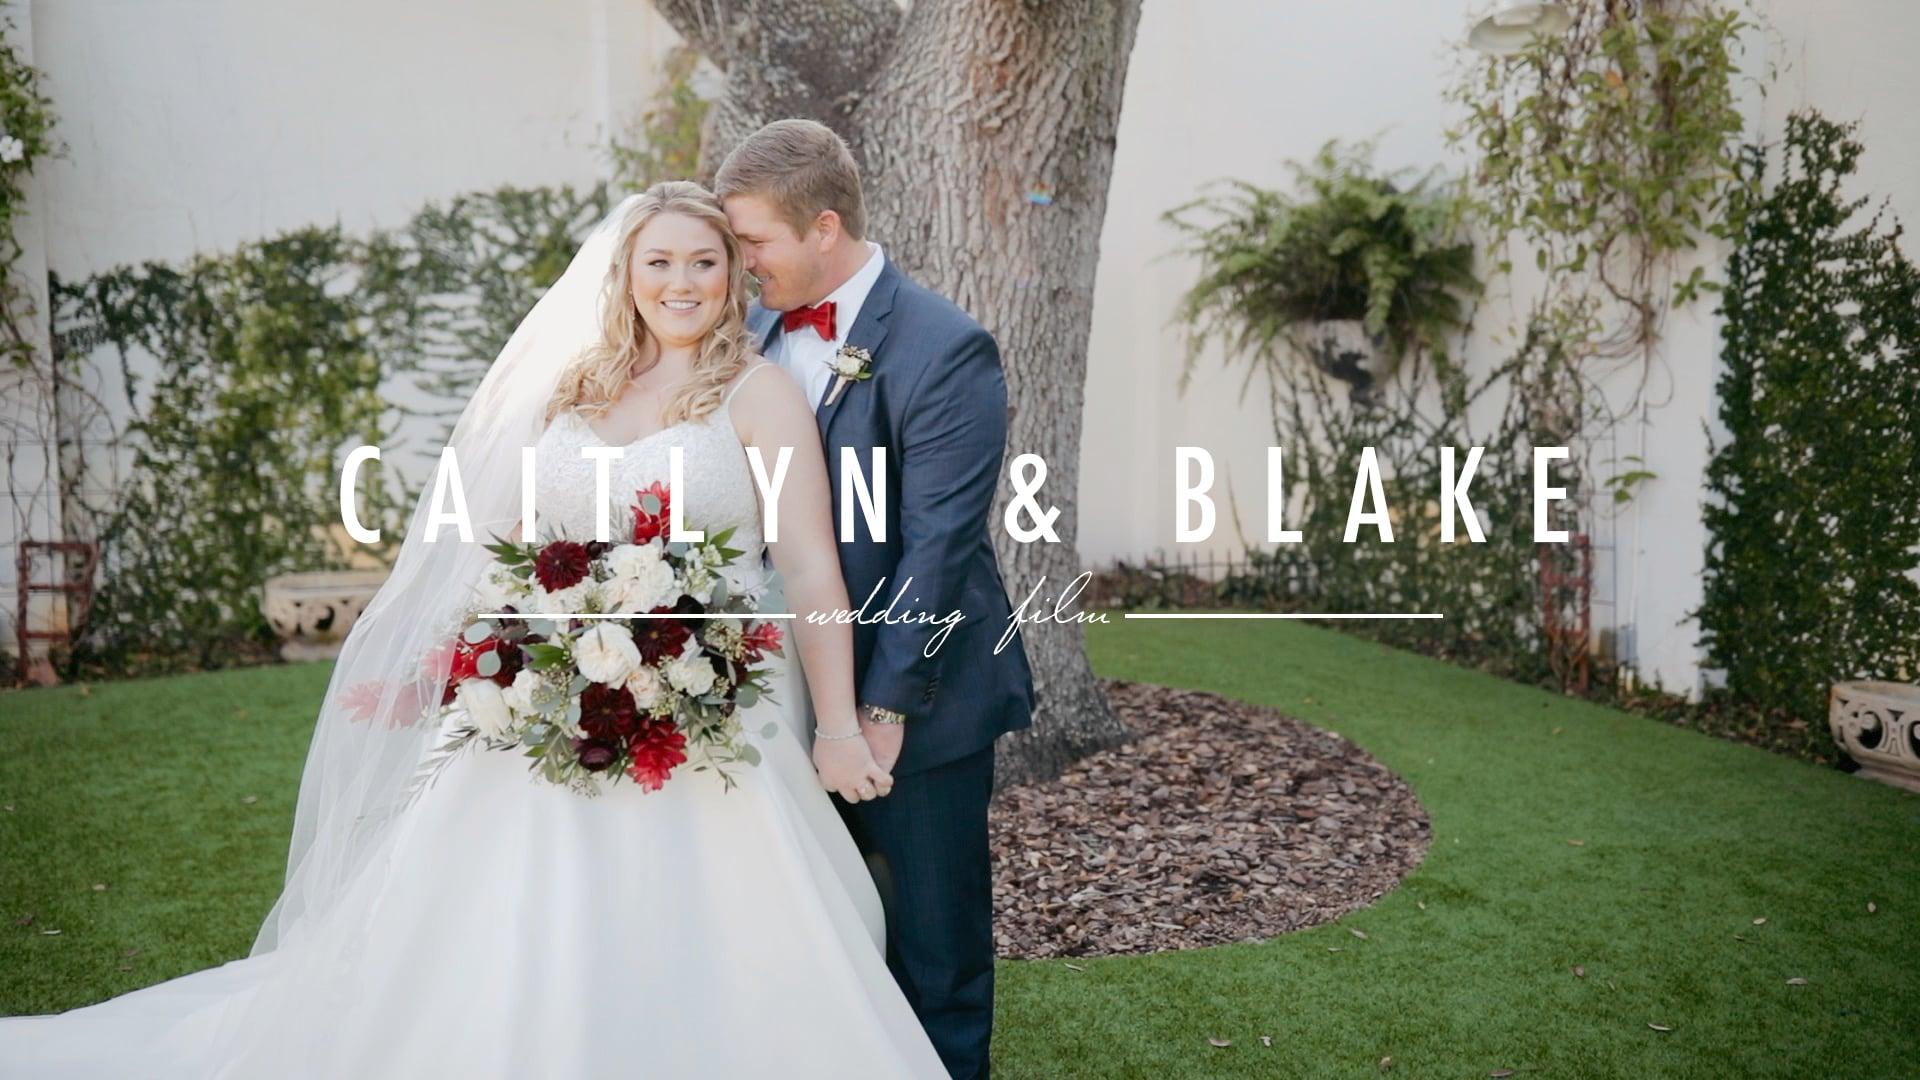 Caitlyn & Blake // Wedding Film